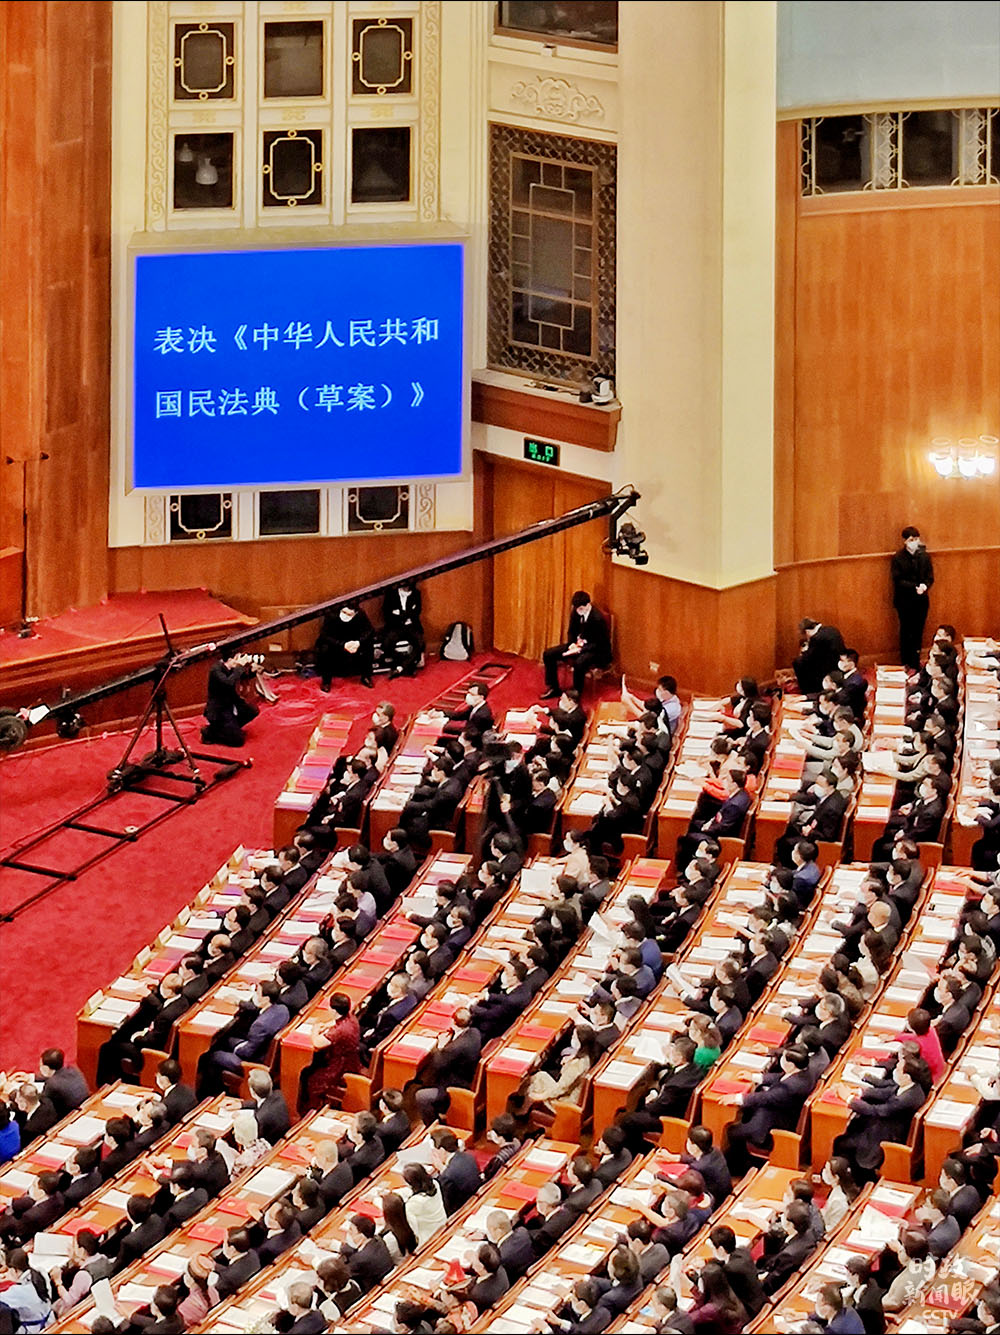 △民法典将自2021年1月1日起施行。(总台国广记者蔡靖骉拍摄)